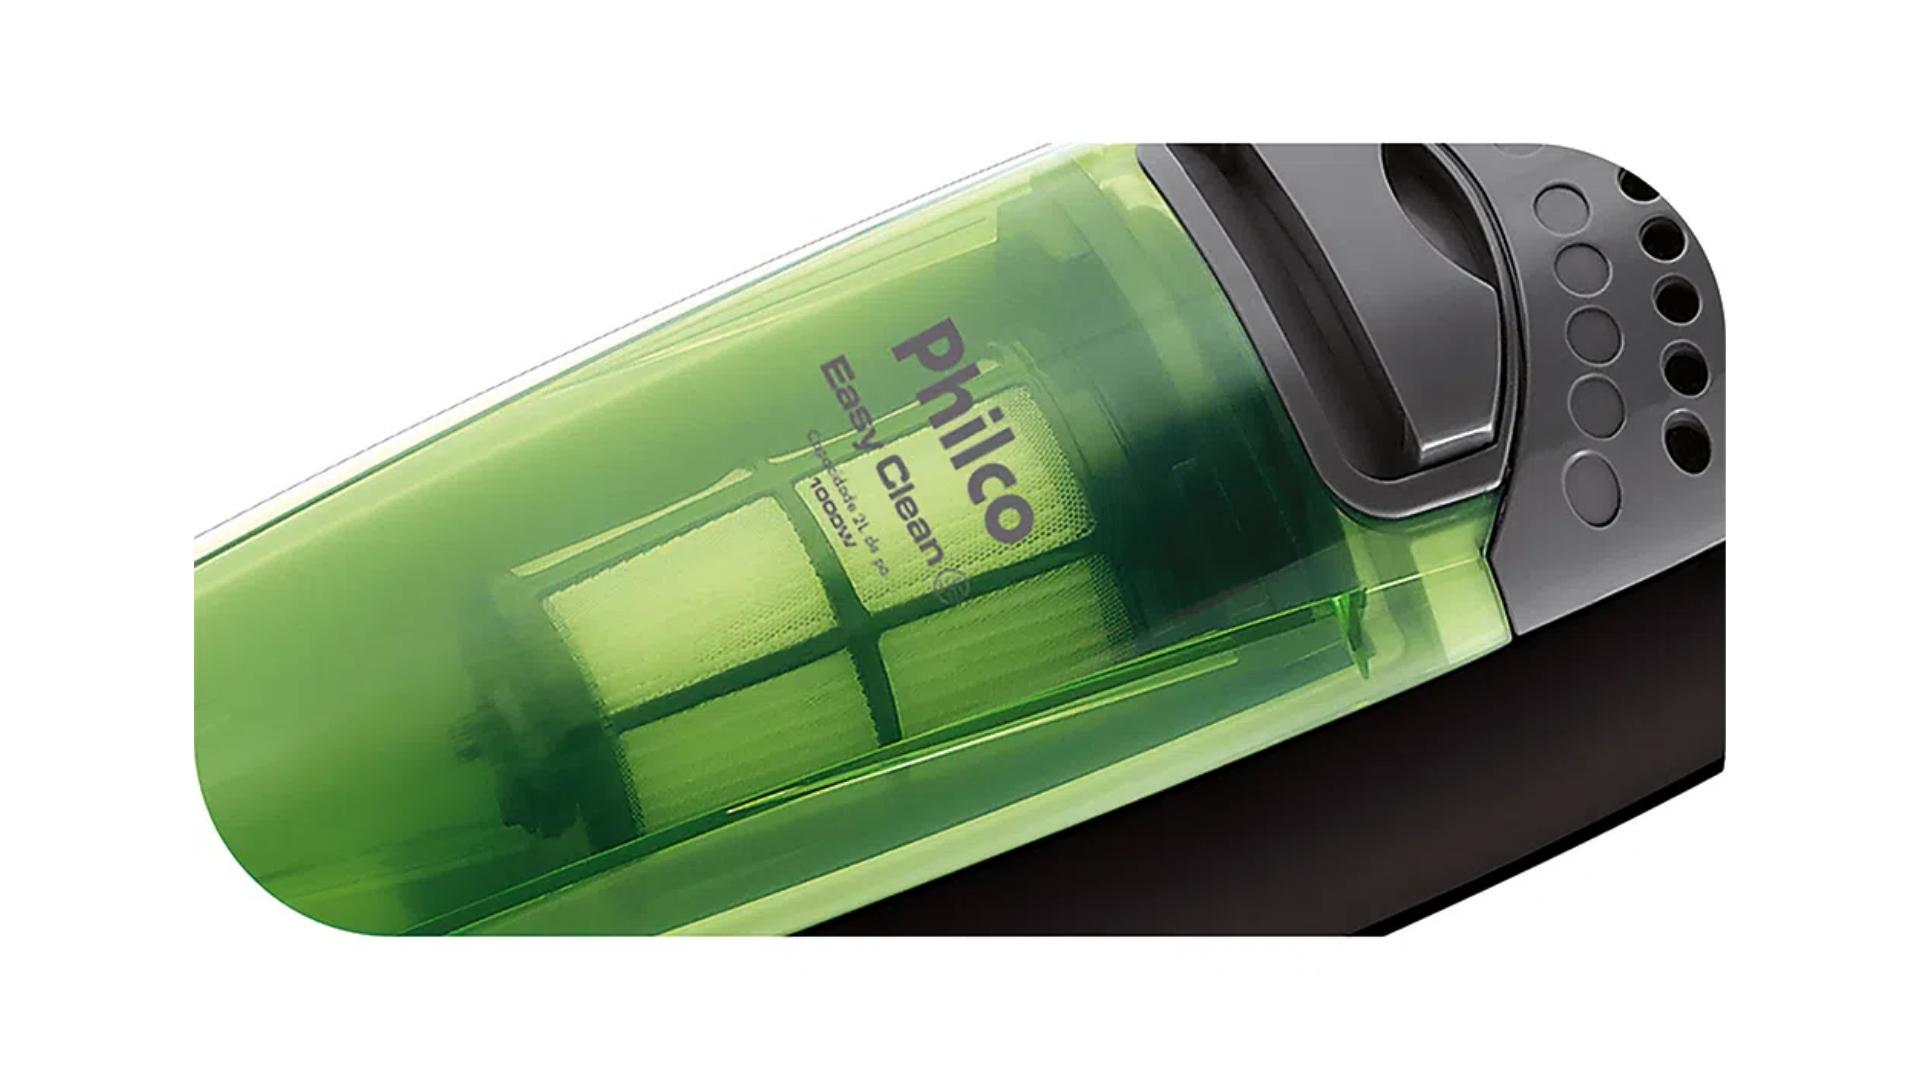 Philco Easy Clean tem filtro HEPA e reservatório de 2 litros de capacidade (Imagem: Divulgação/Philco)